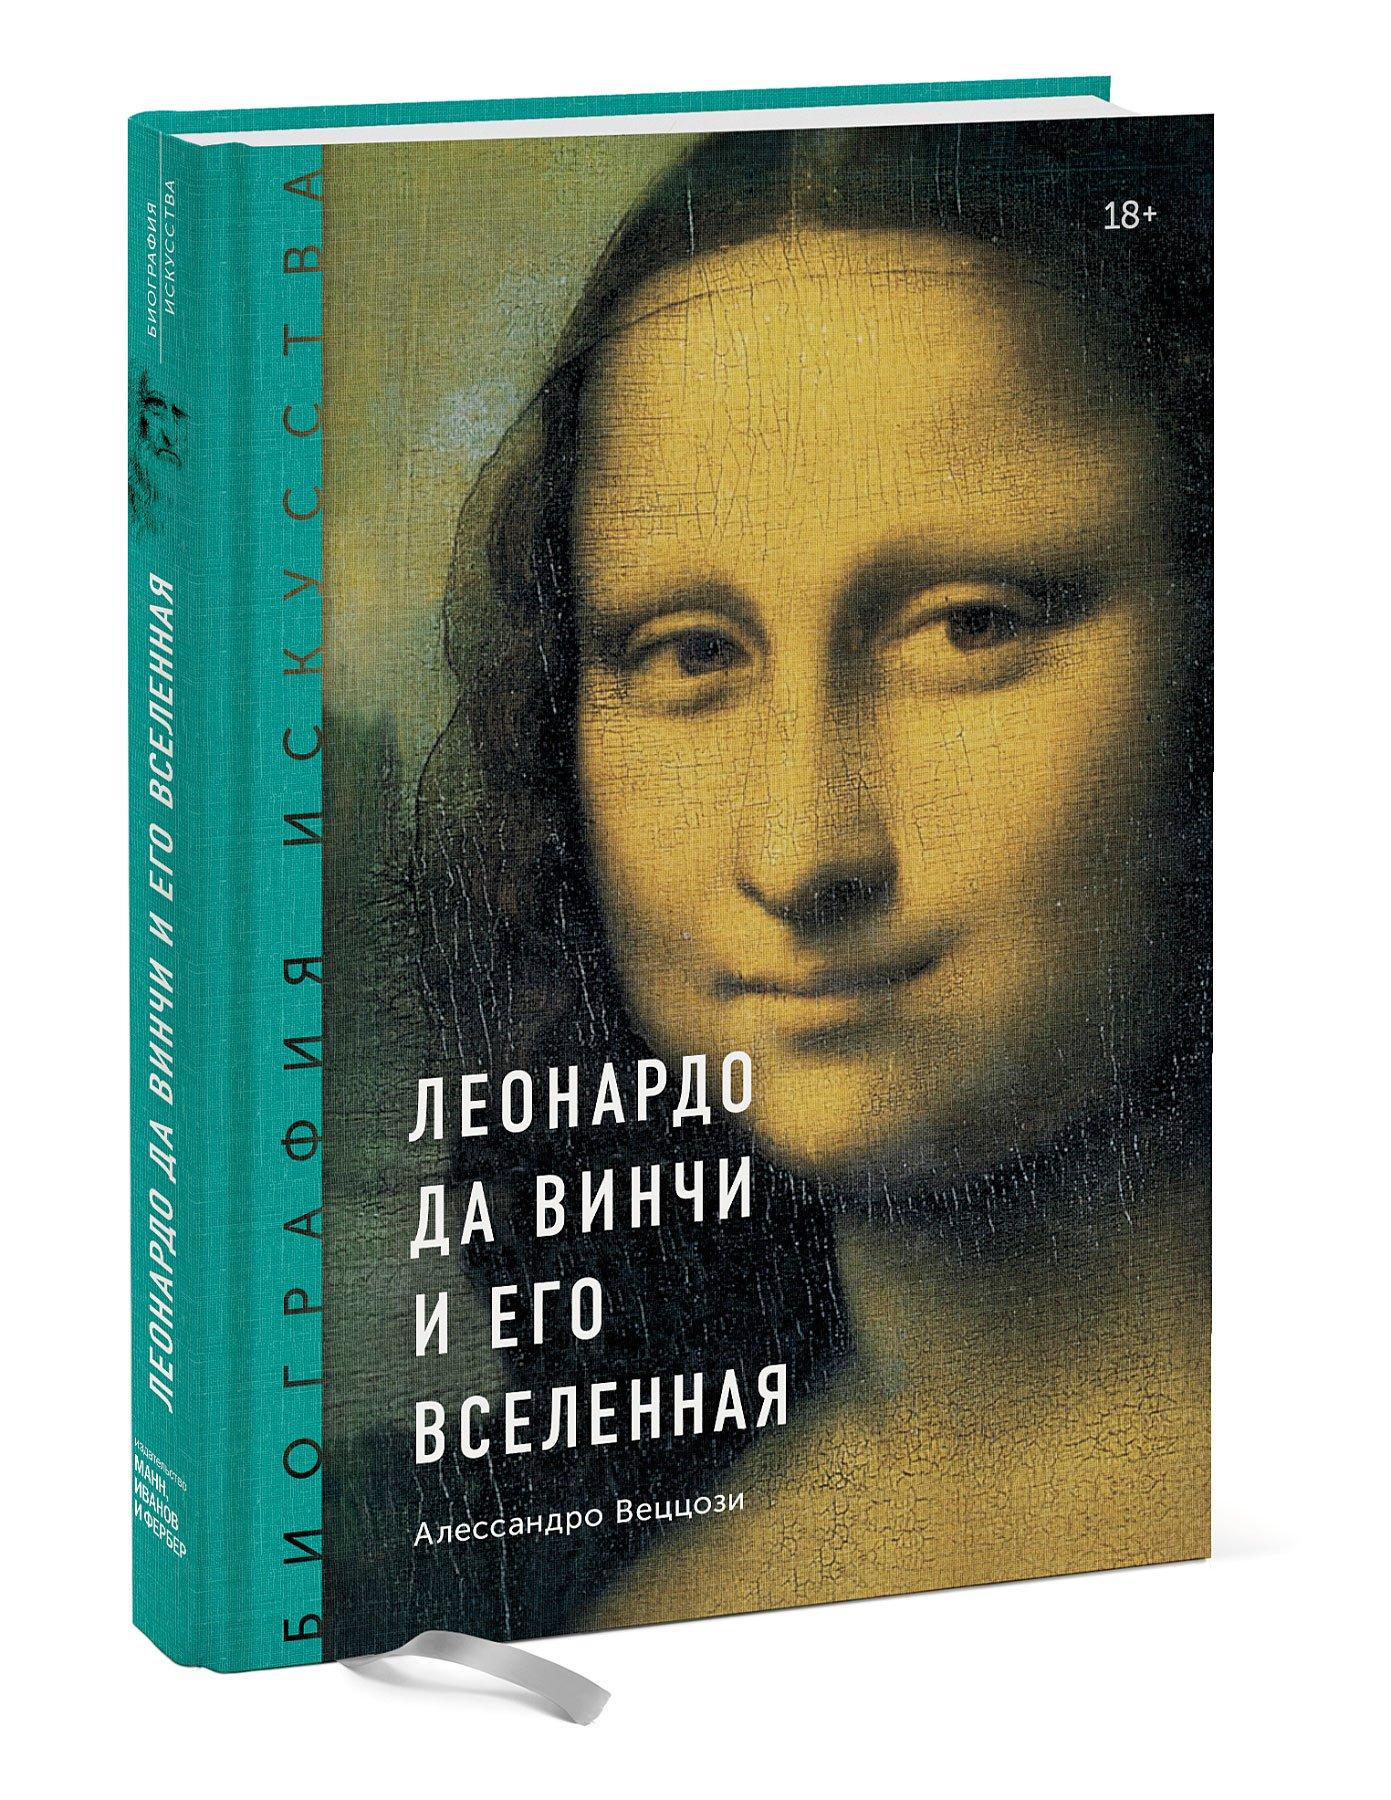 Веццози Алессандро Биография искусства. Леонардо да Винчи и его вселенная